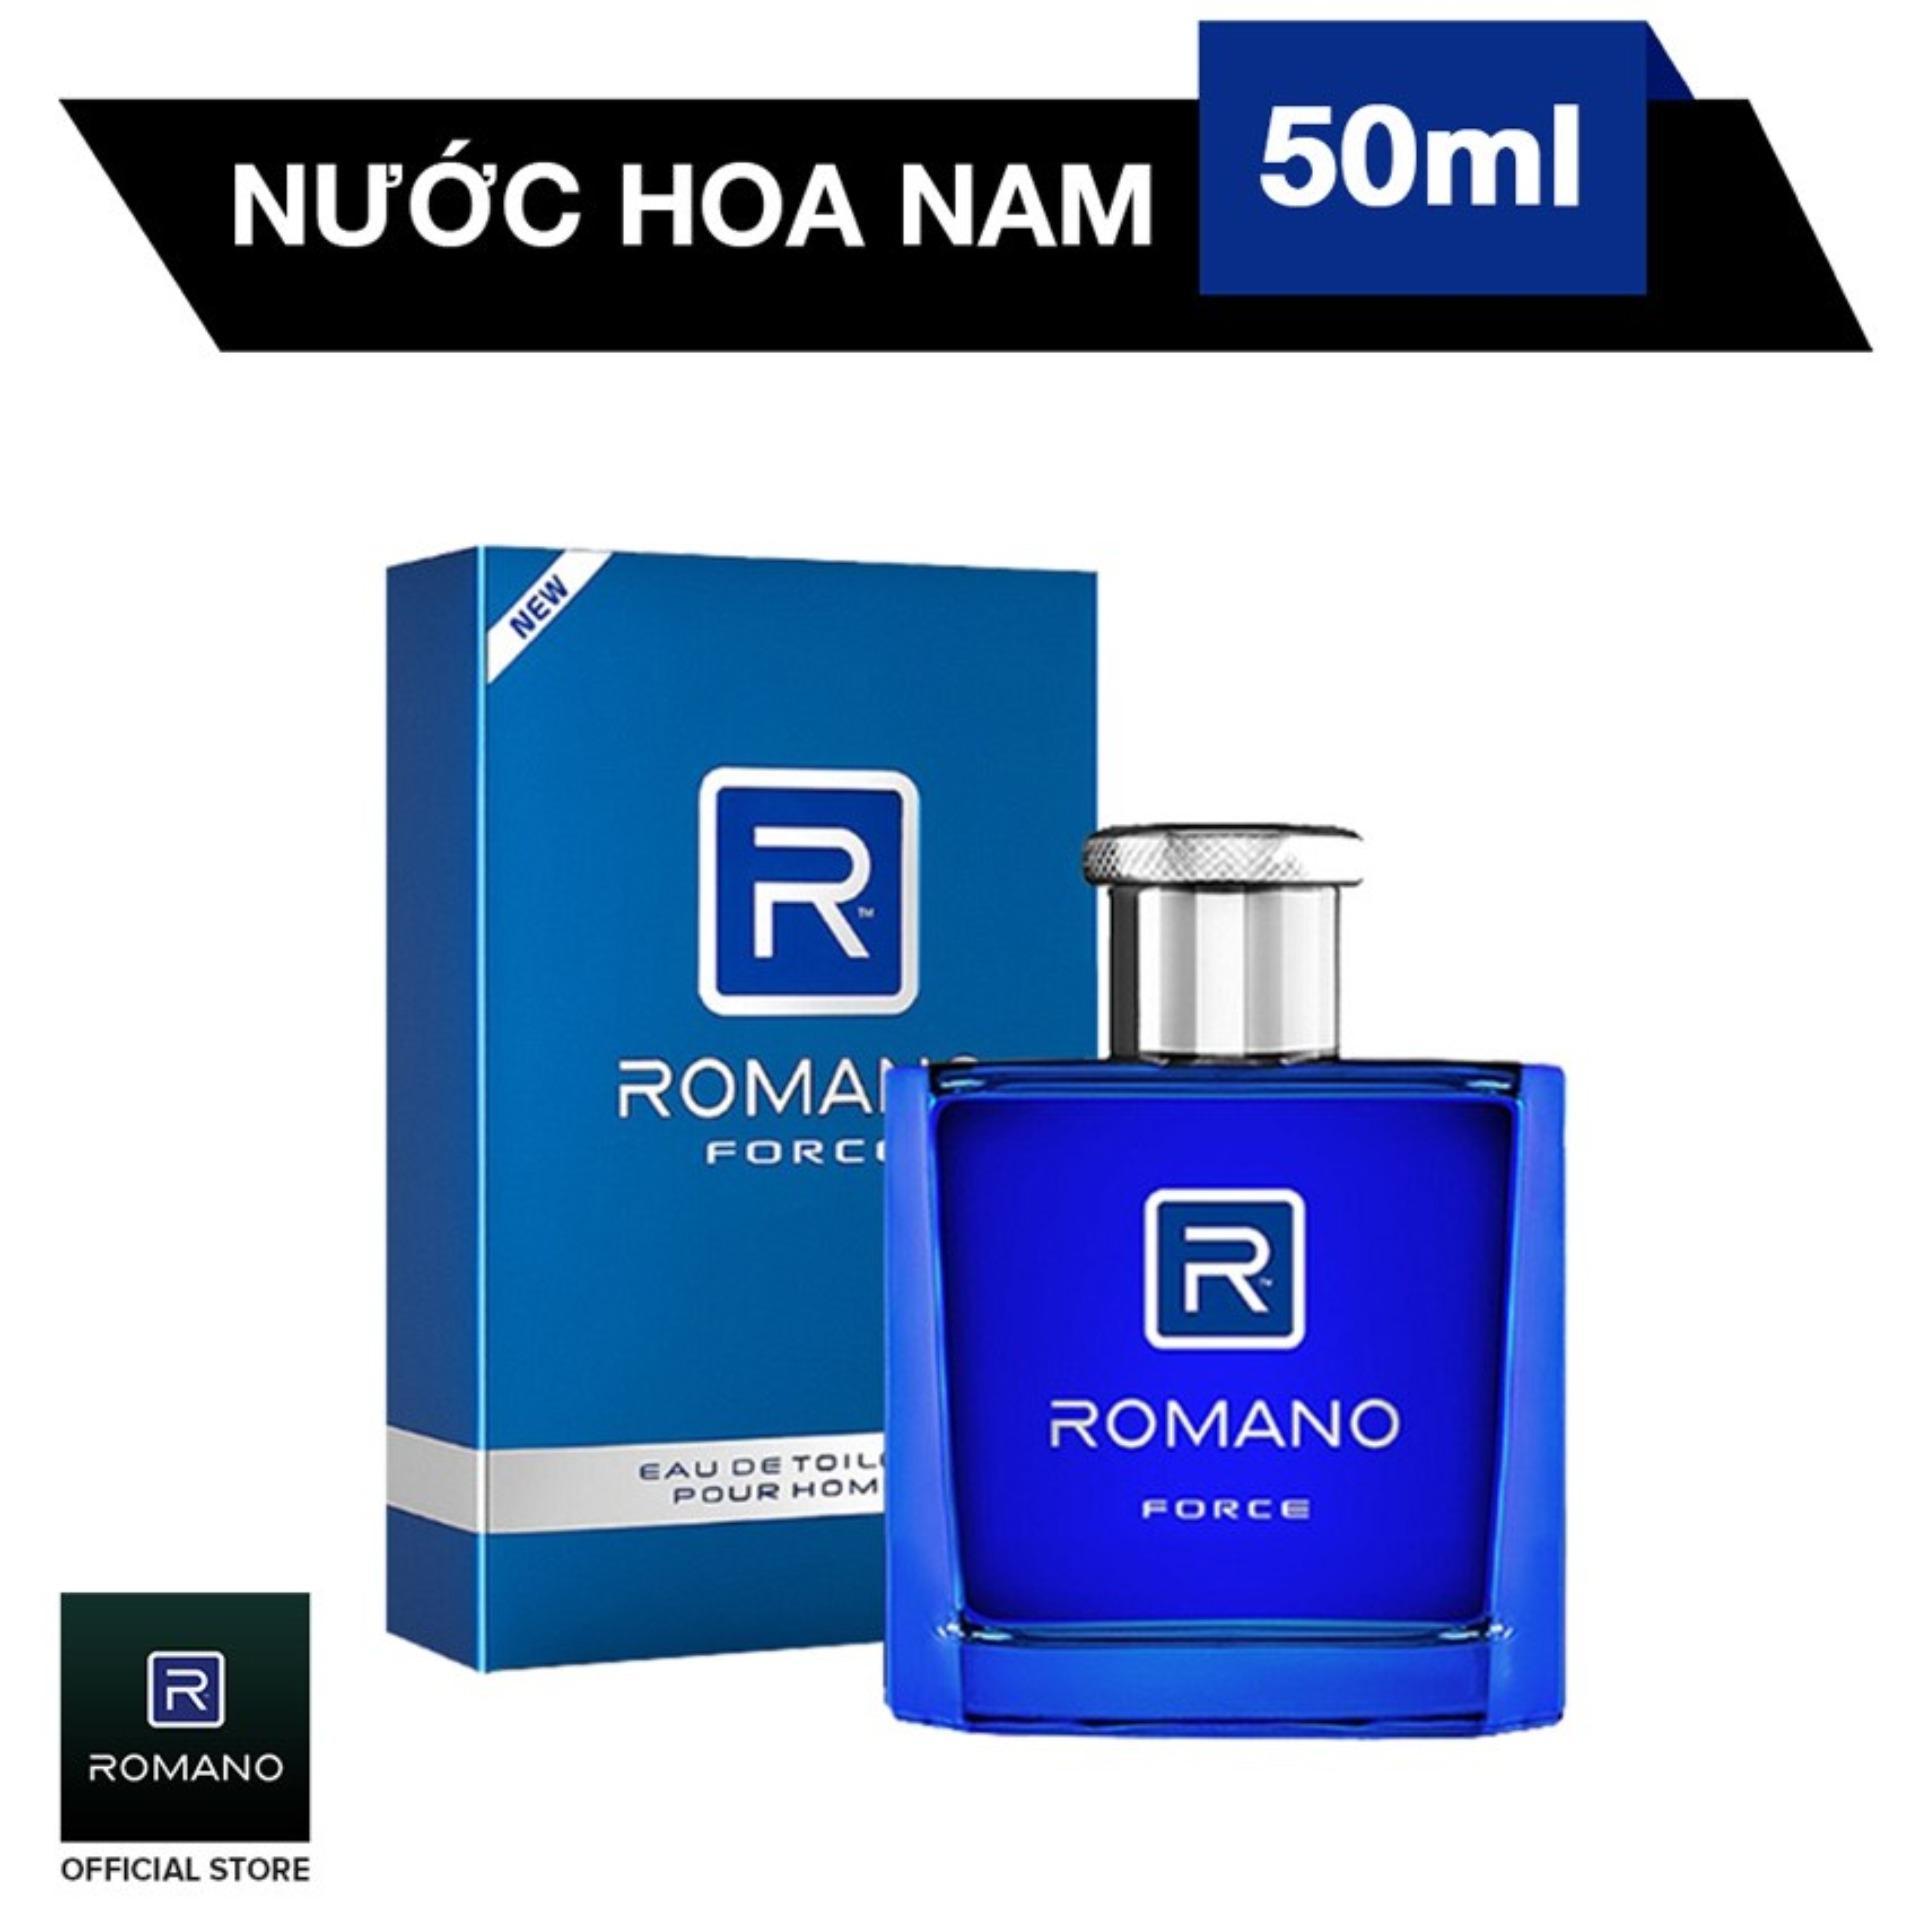 Nước Hoa Cao Cấp Dành Cho Nam Romano Force 50ml